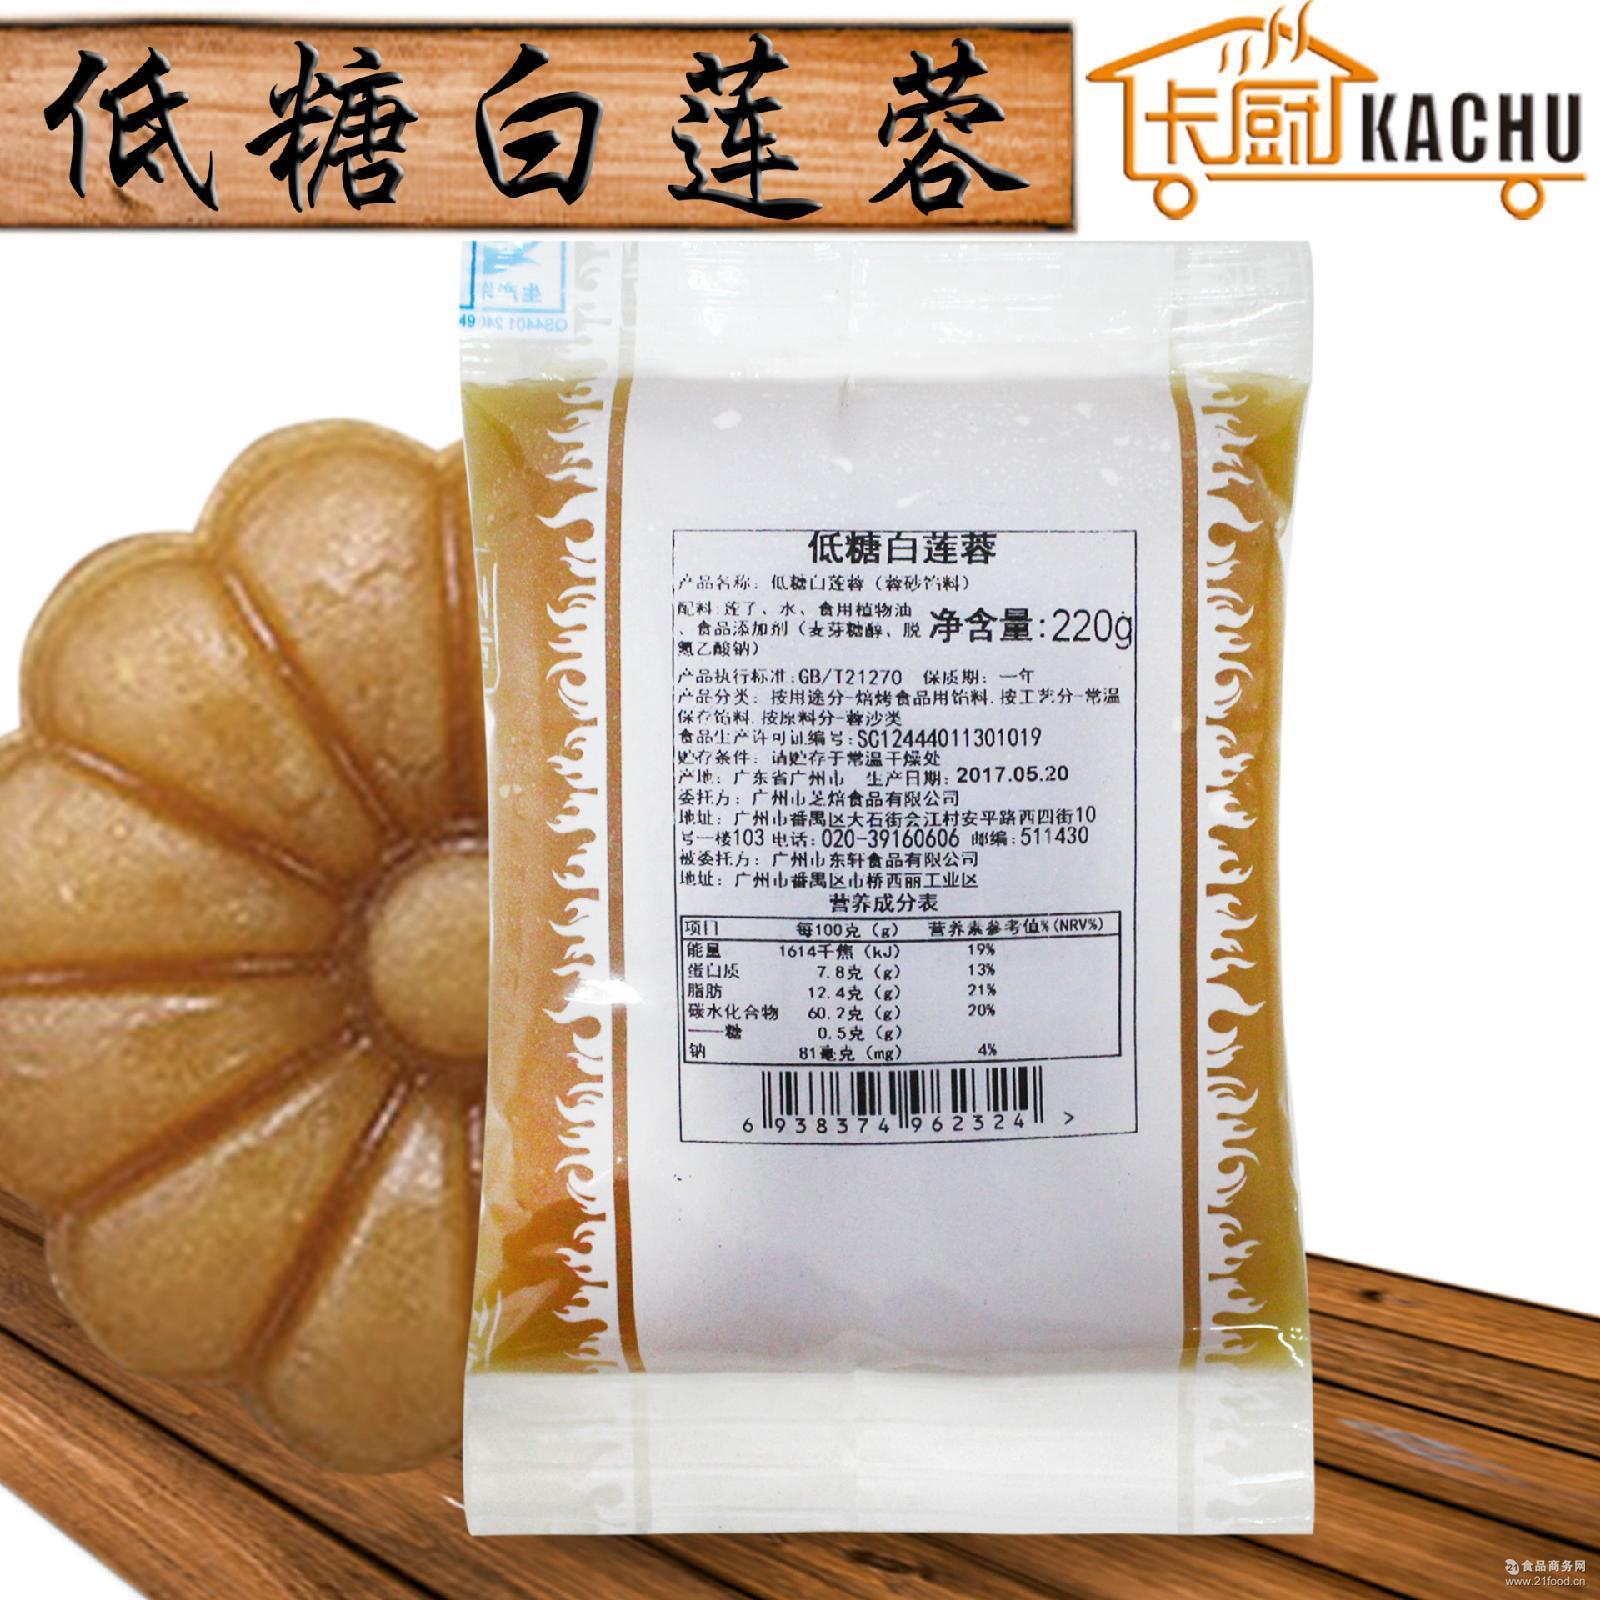 芝焙低糖白莲蓉220g 烘焙原料 糕点夹心 中秋广式冰皮月饼馅料